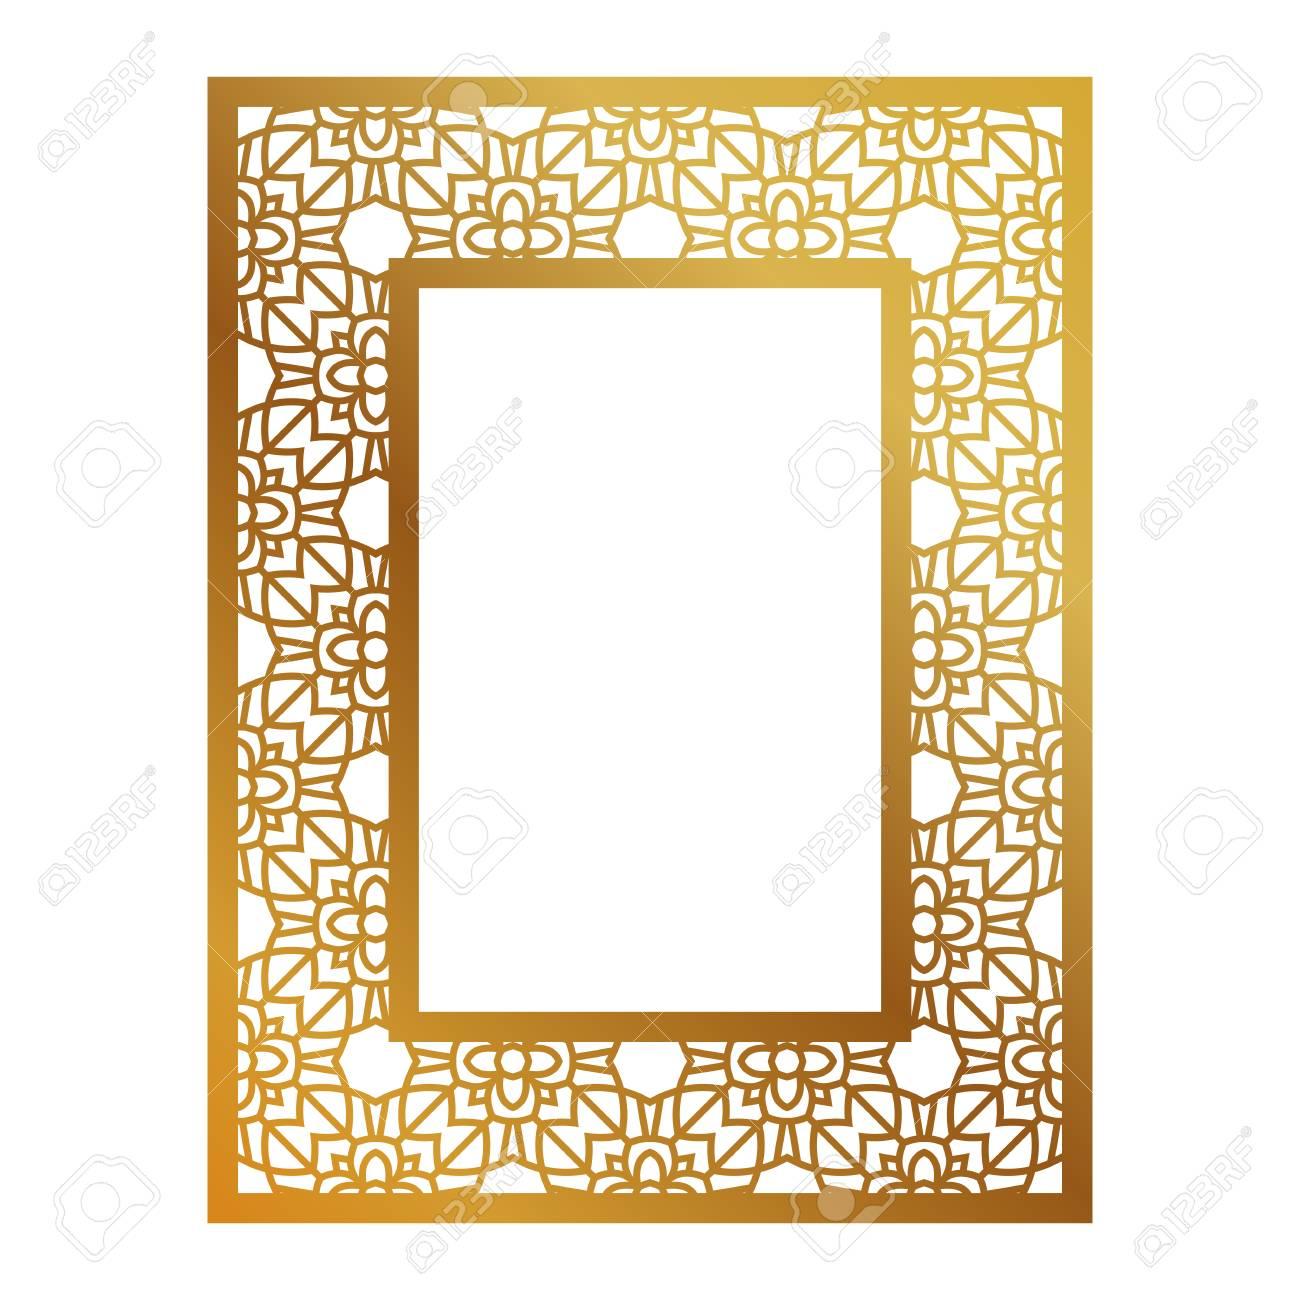 Rahmen Mit Geometrischen Muster. Schneiden Laser-Quadrat-Vorlage Für ...